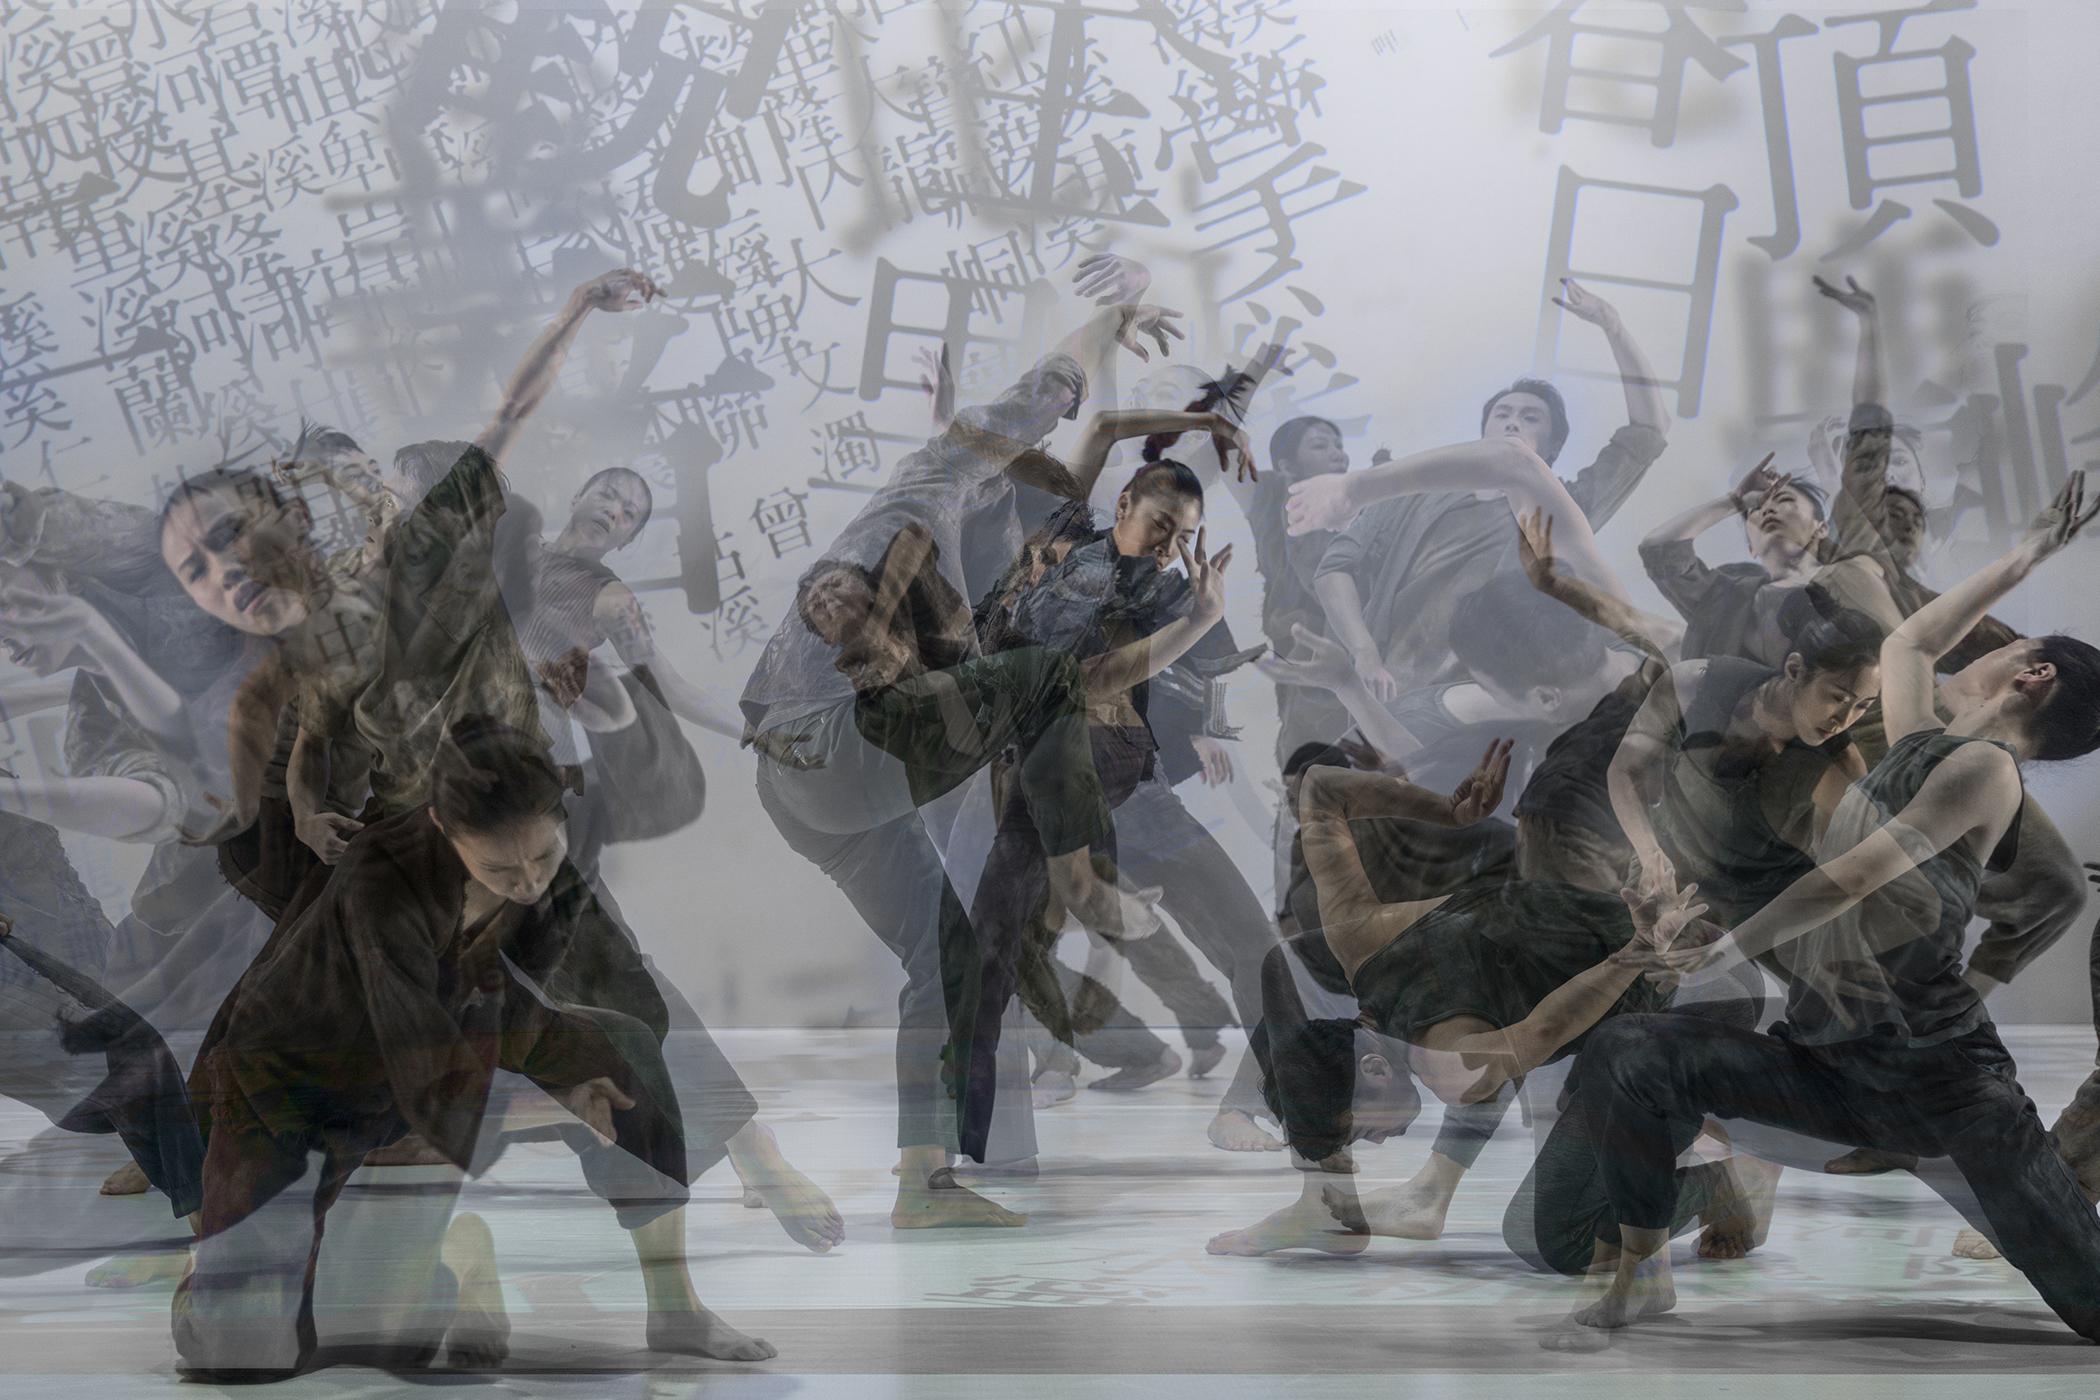 雲門舞集 關於島嶼 攝影_劉振祥